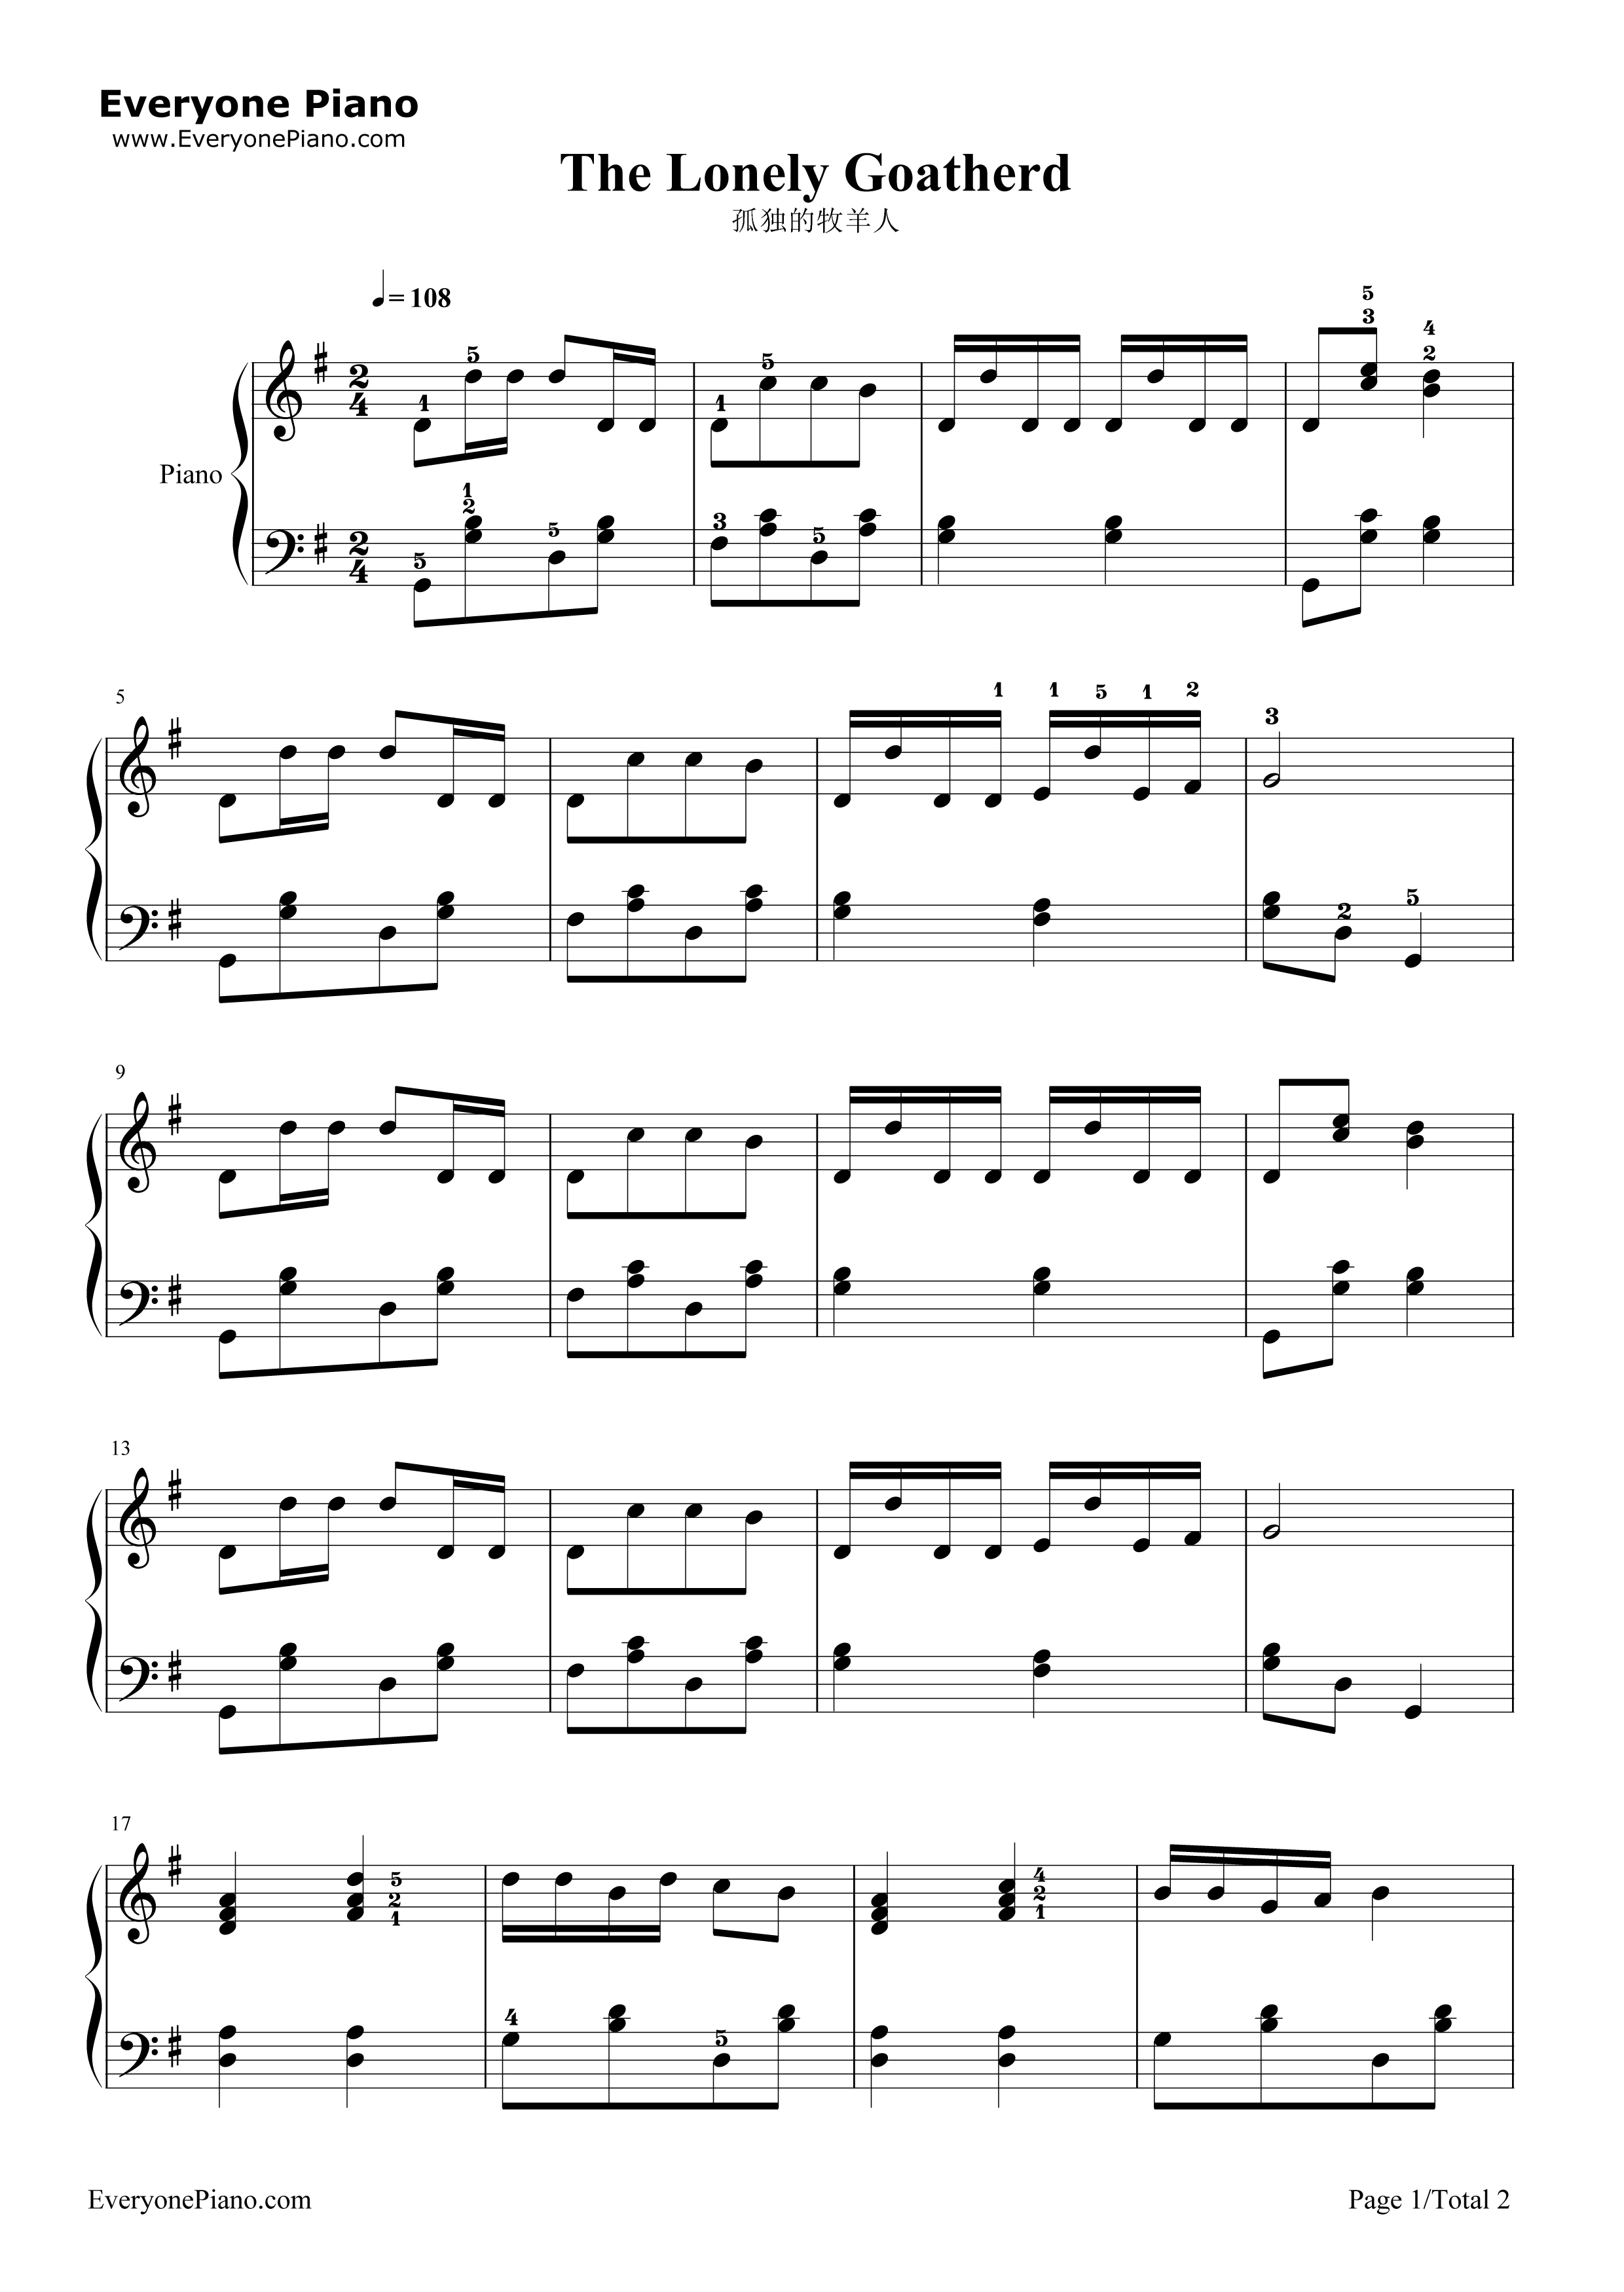 孤独的牧羊人-音乐之声插曲五线谱预览1图片